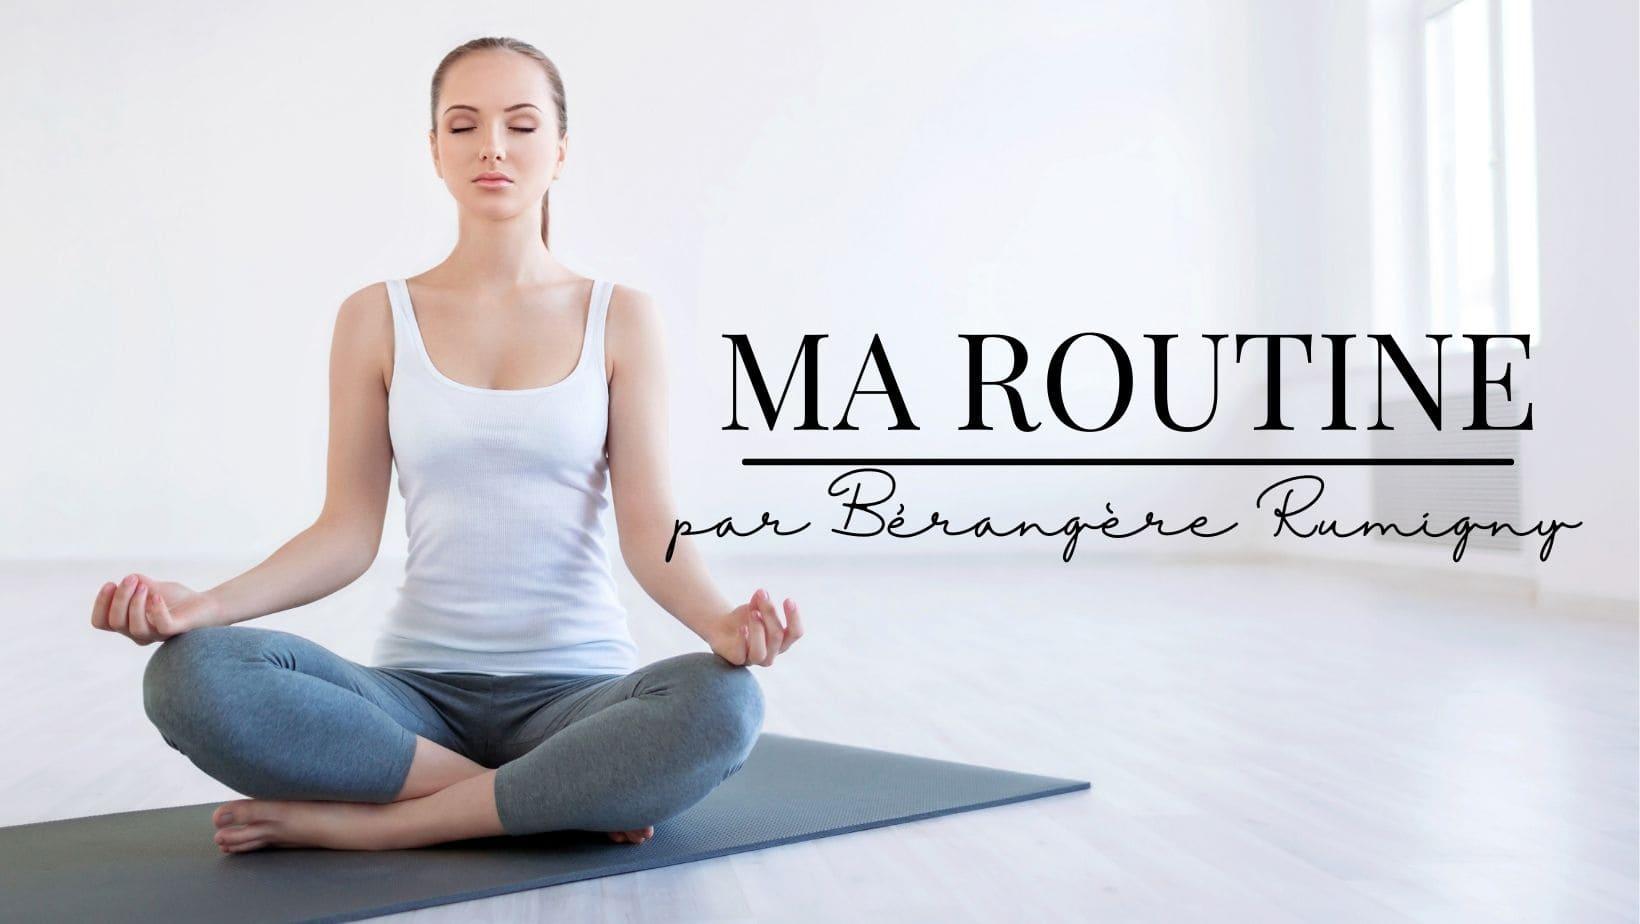 Bérangère Rumigny vous partage chaque semaine sa routine bien être pour être bien dans son corps, détendue, avoir de l'énergie, gagner en puissance, au sein de son cabinet de solesmes, près de Le cateau